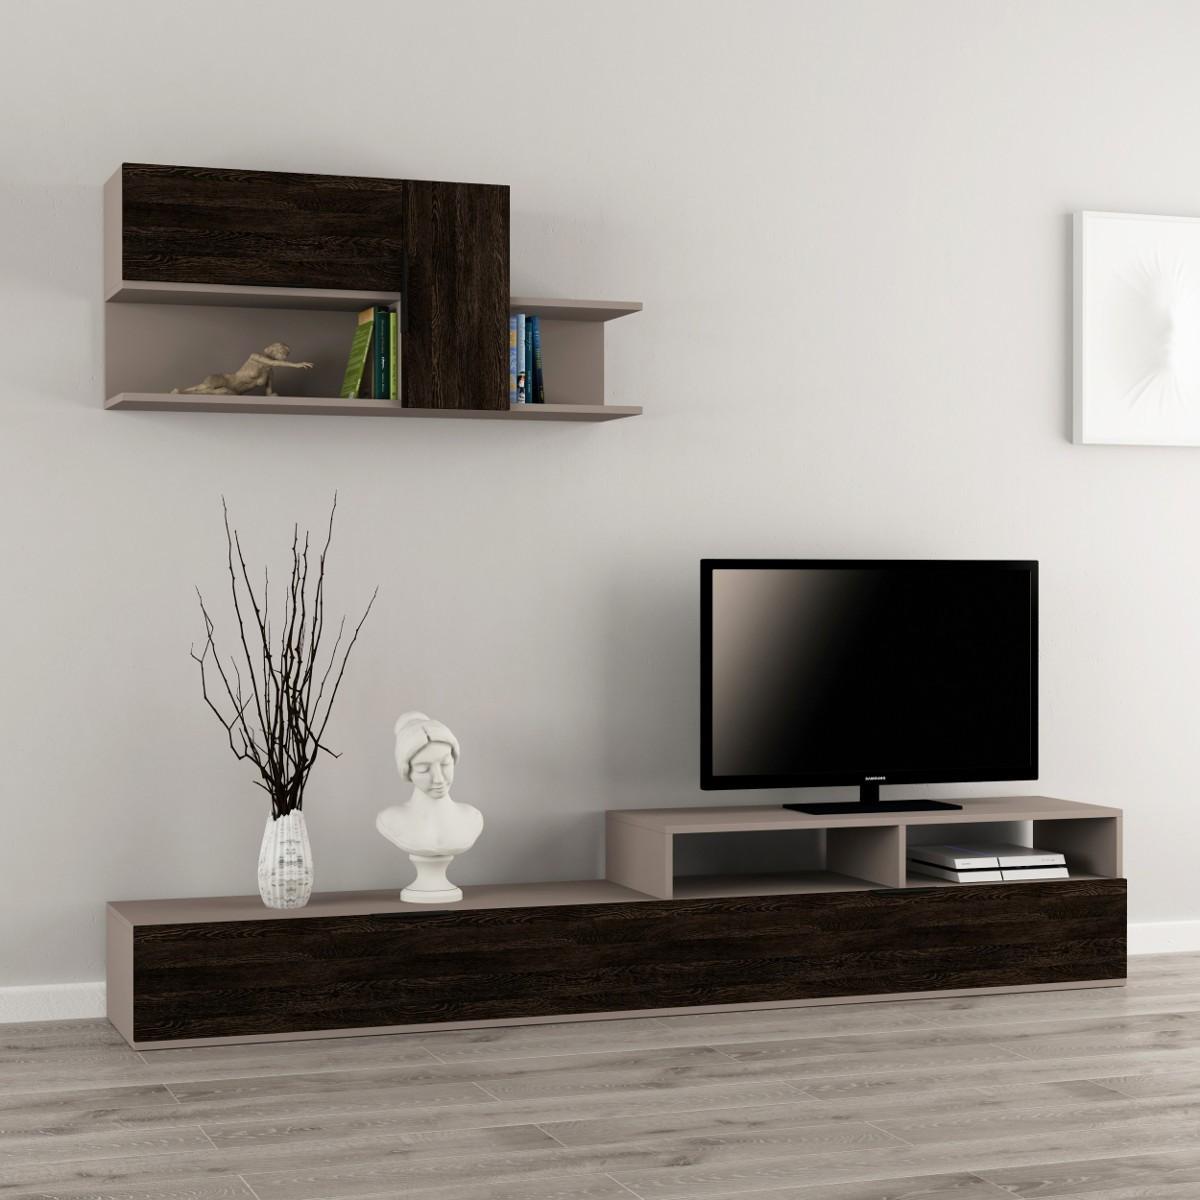 Adair parete attrezzata in legno melaminico design moderno for Pareti design moderno